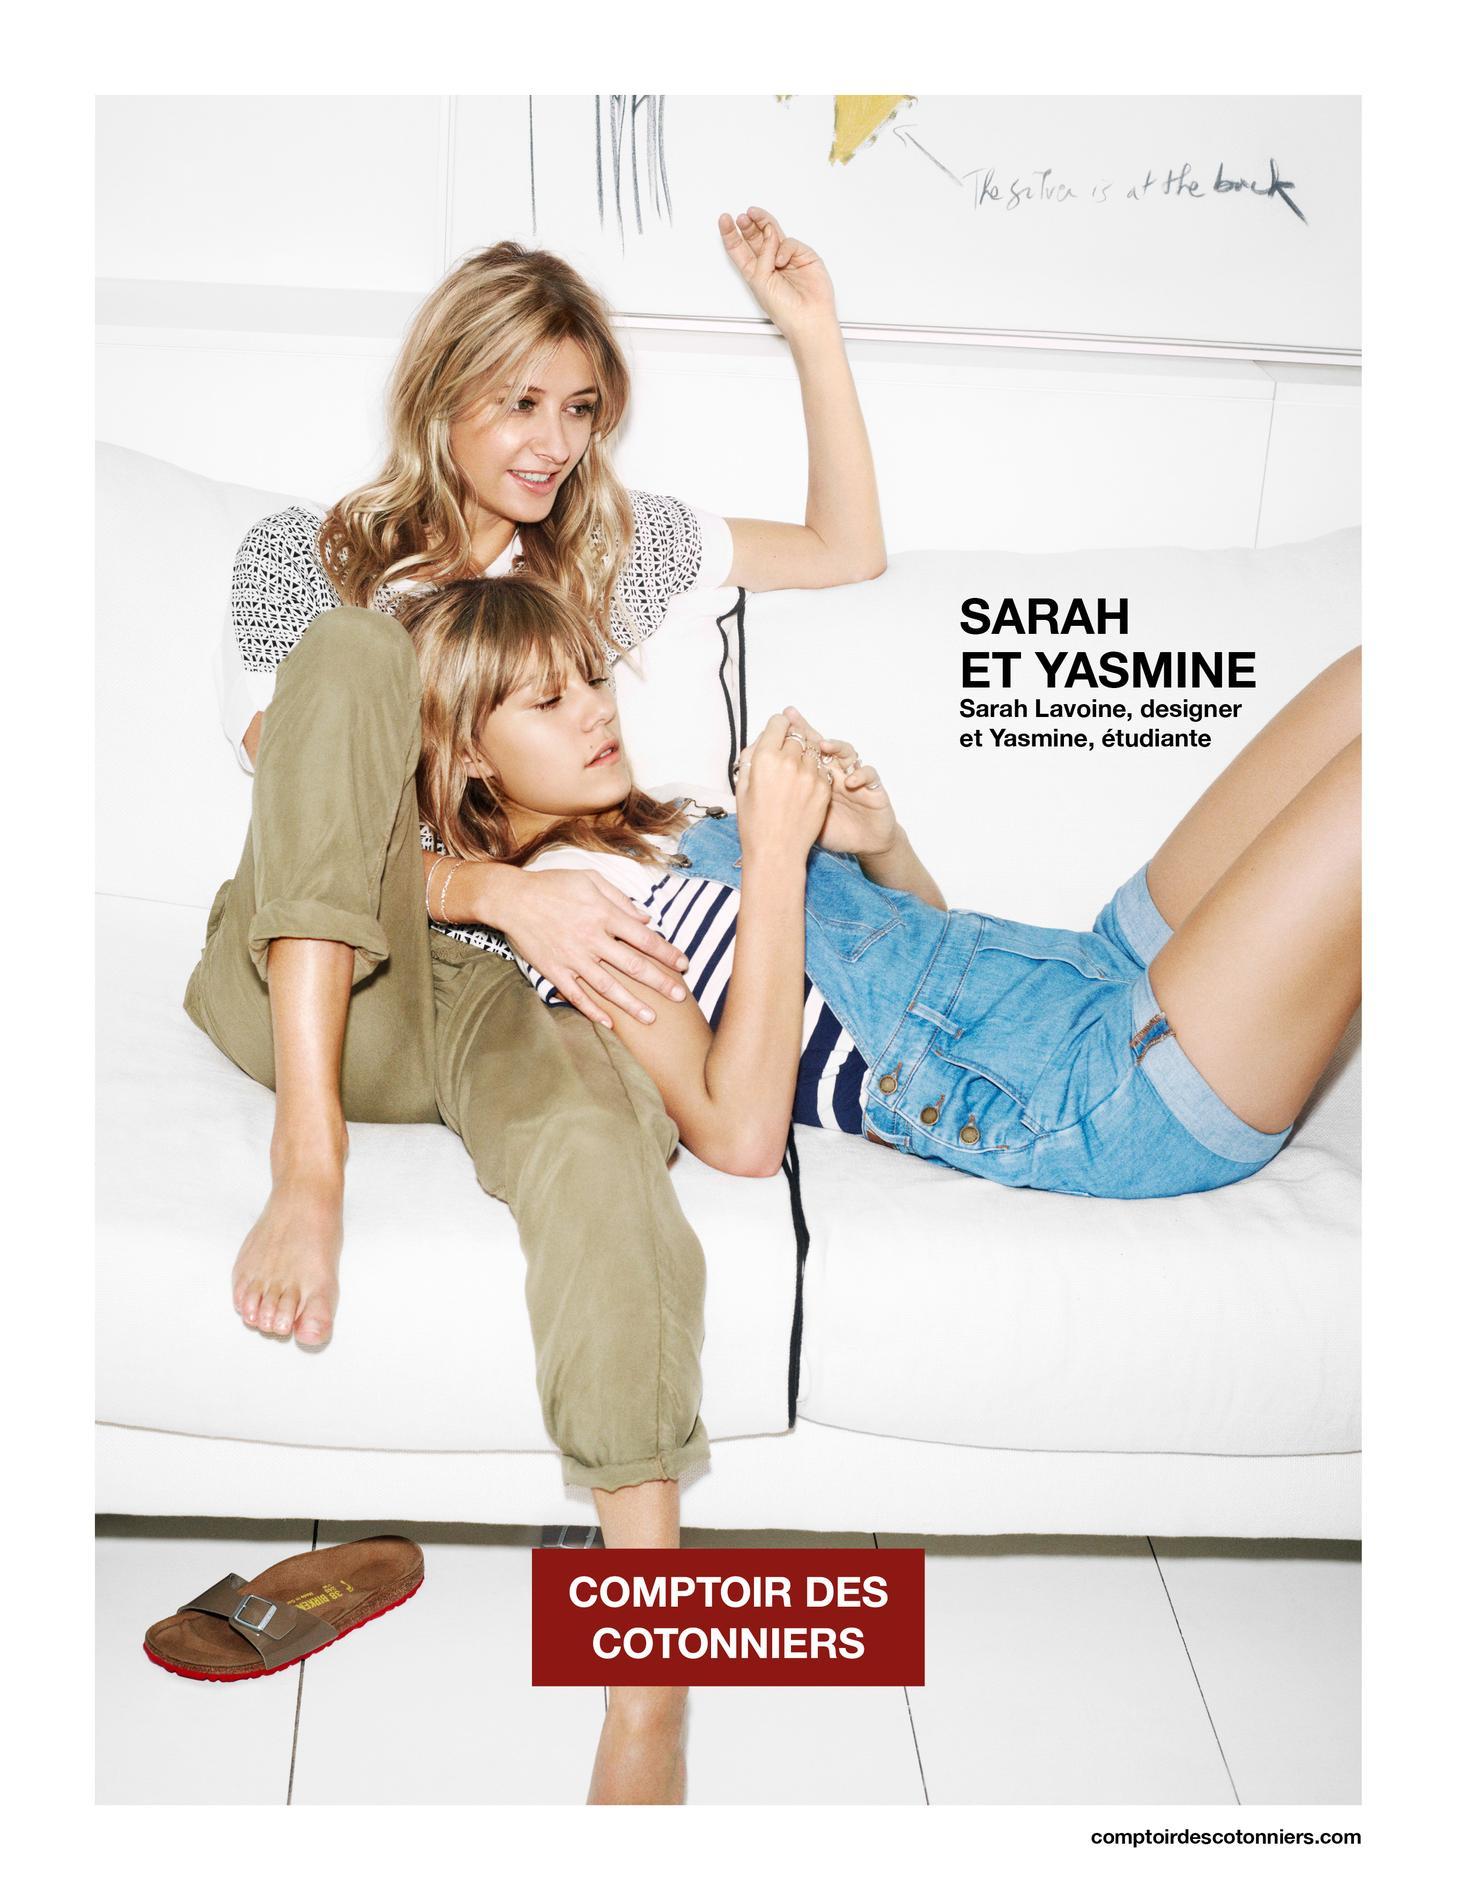 Sarah et yasmine lavoine un duo de charme pour comptoir des cotonniers le figaro madame - Le comptoir des cotoniers ...